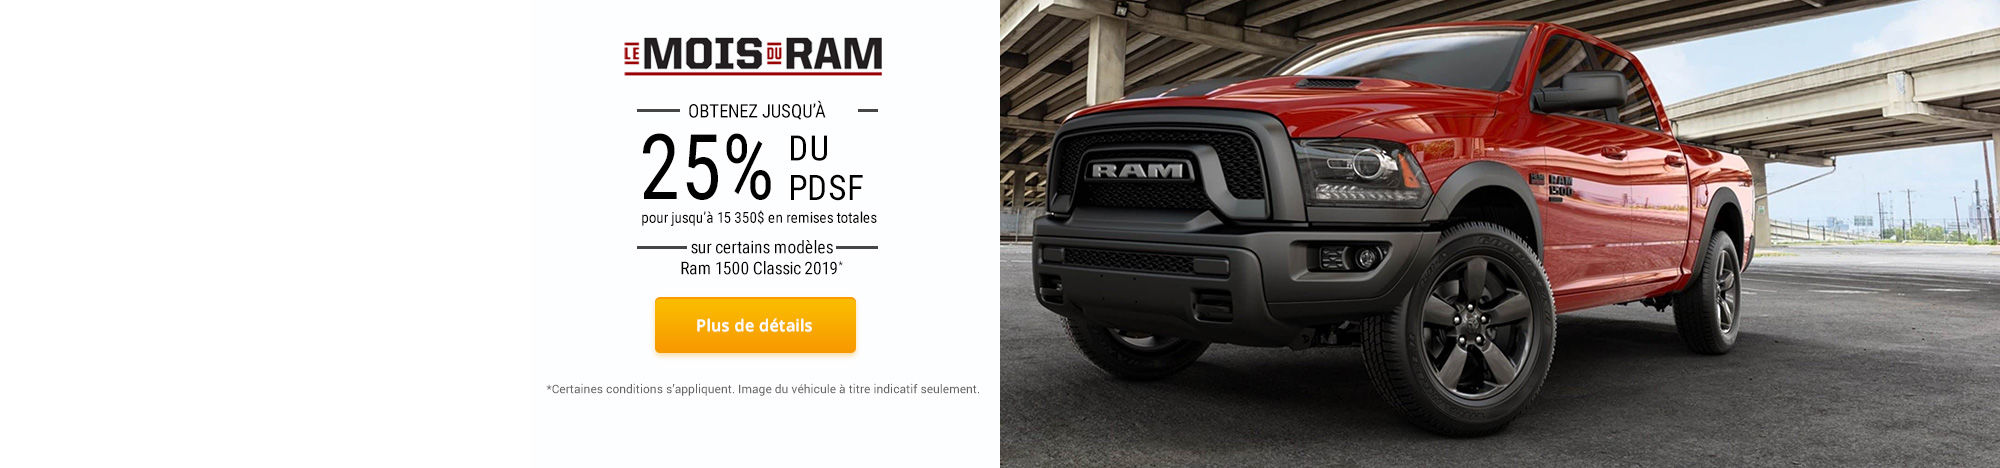 L'événement mensuel de RAM